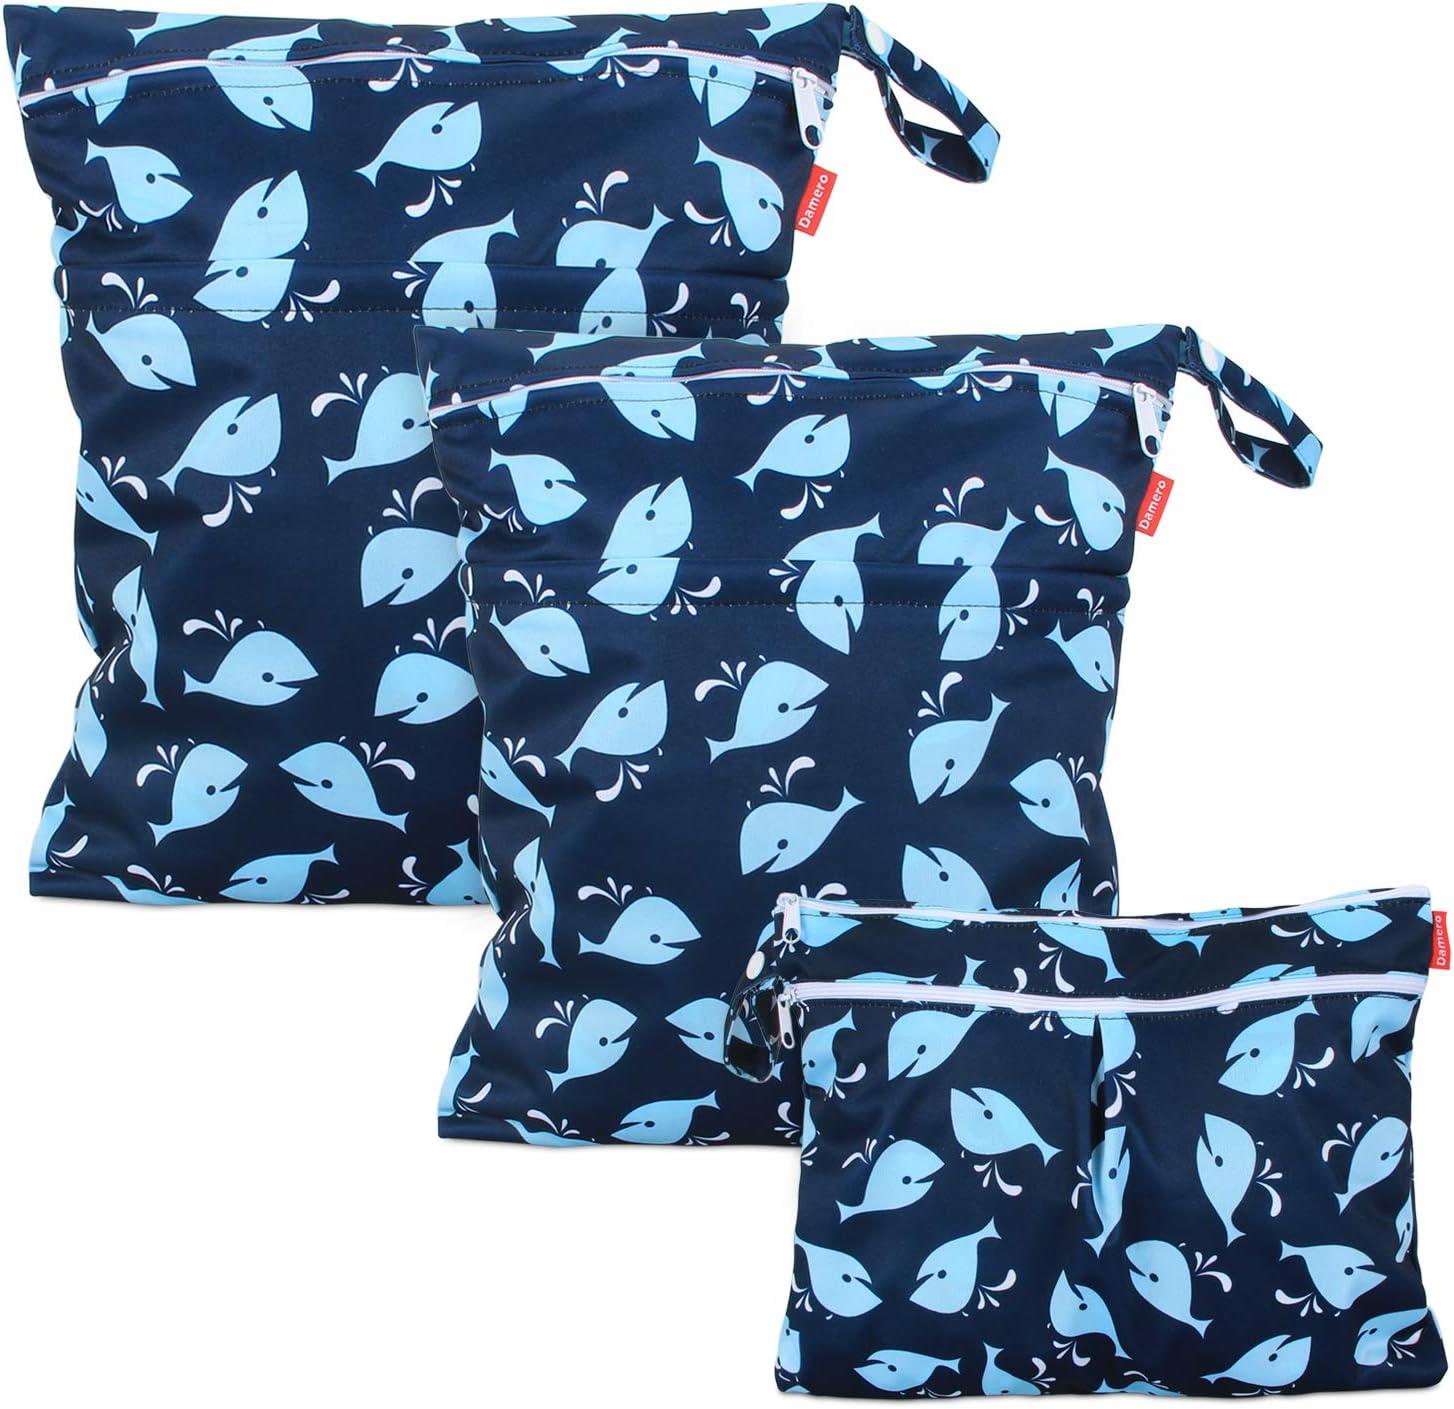 Damero 3 piezas Bolsa Pañales Impermeable, Bolsa para la Ropa de BebéImpermeable, Bolsa de Cambio de Pañal para Bebes para pañales, ropa sucia y más